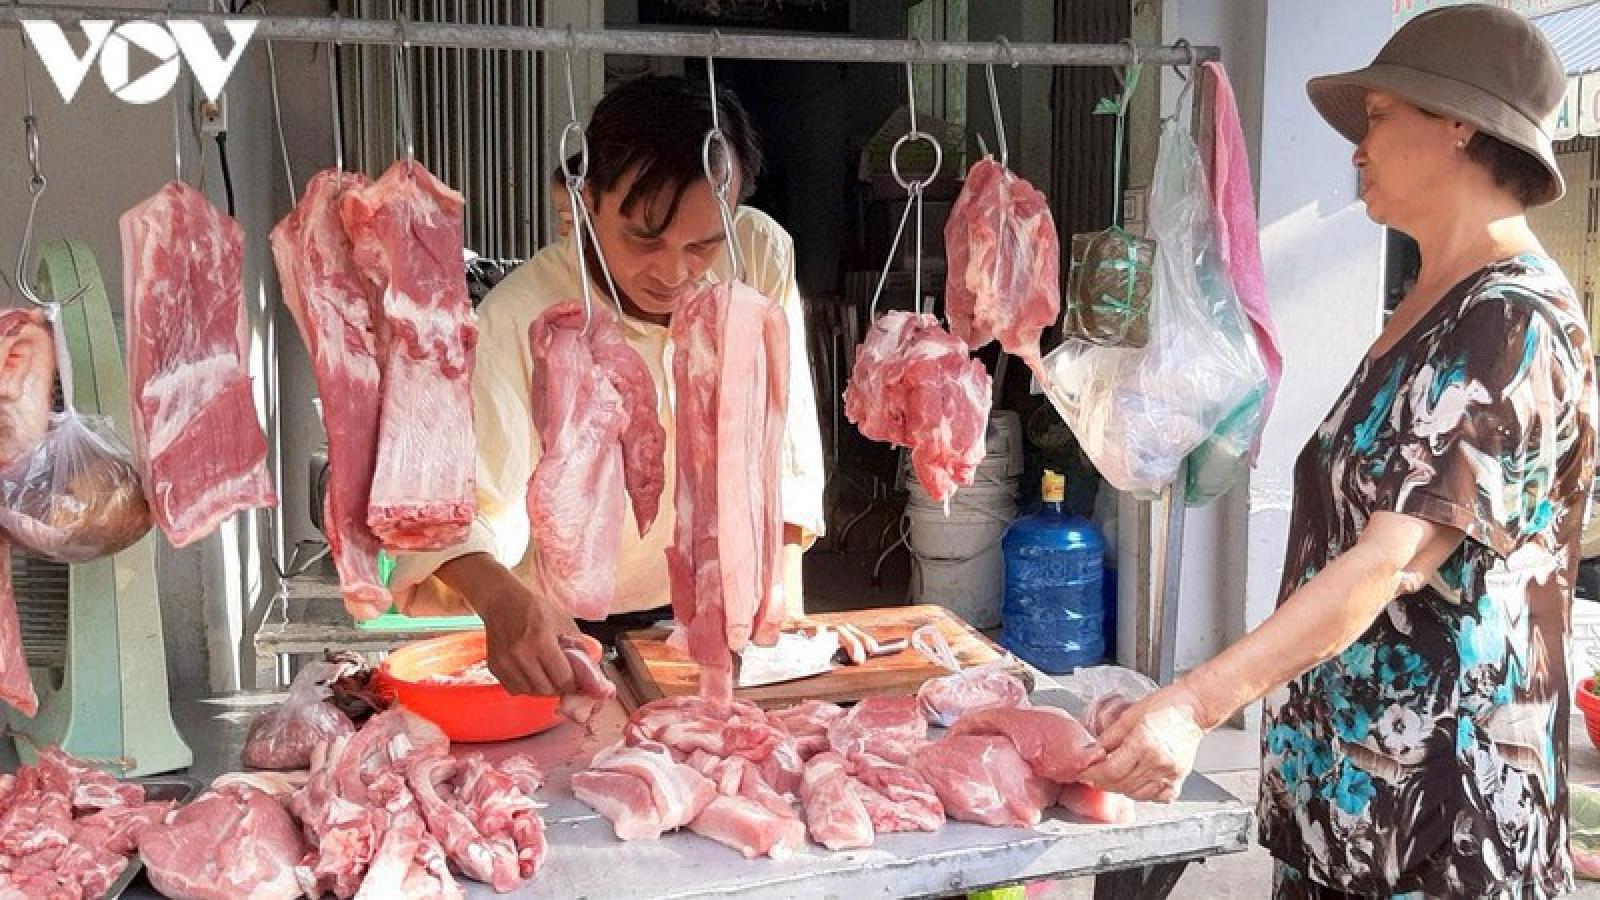 Giá lợn hơi giảm sâu, người tiêu dùng vẫn mua thịt lợn giá cao